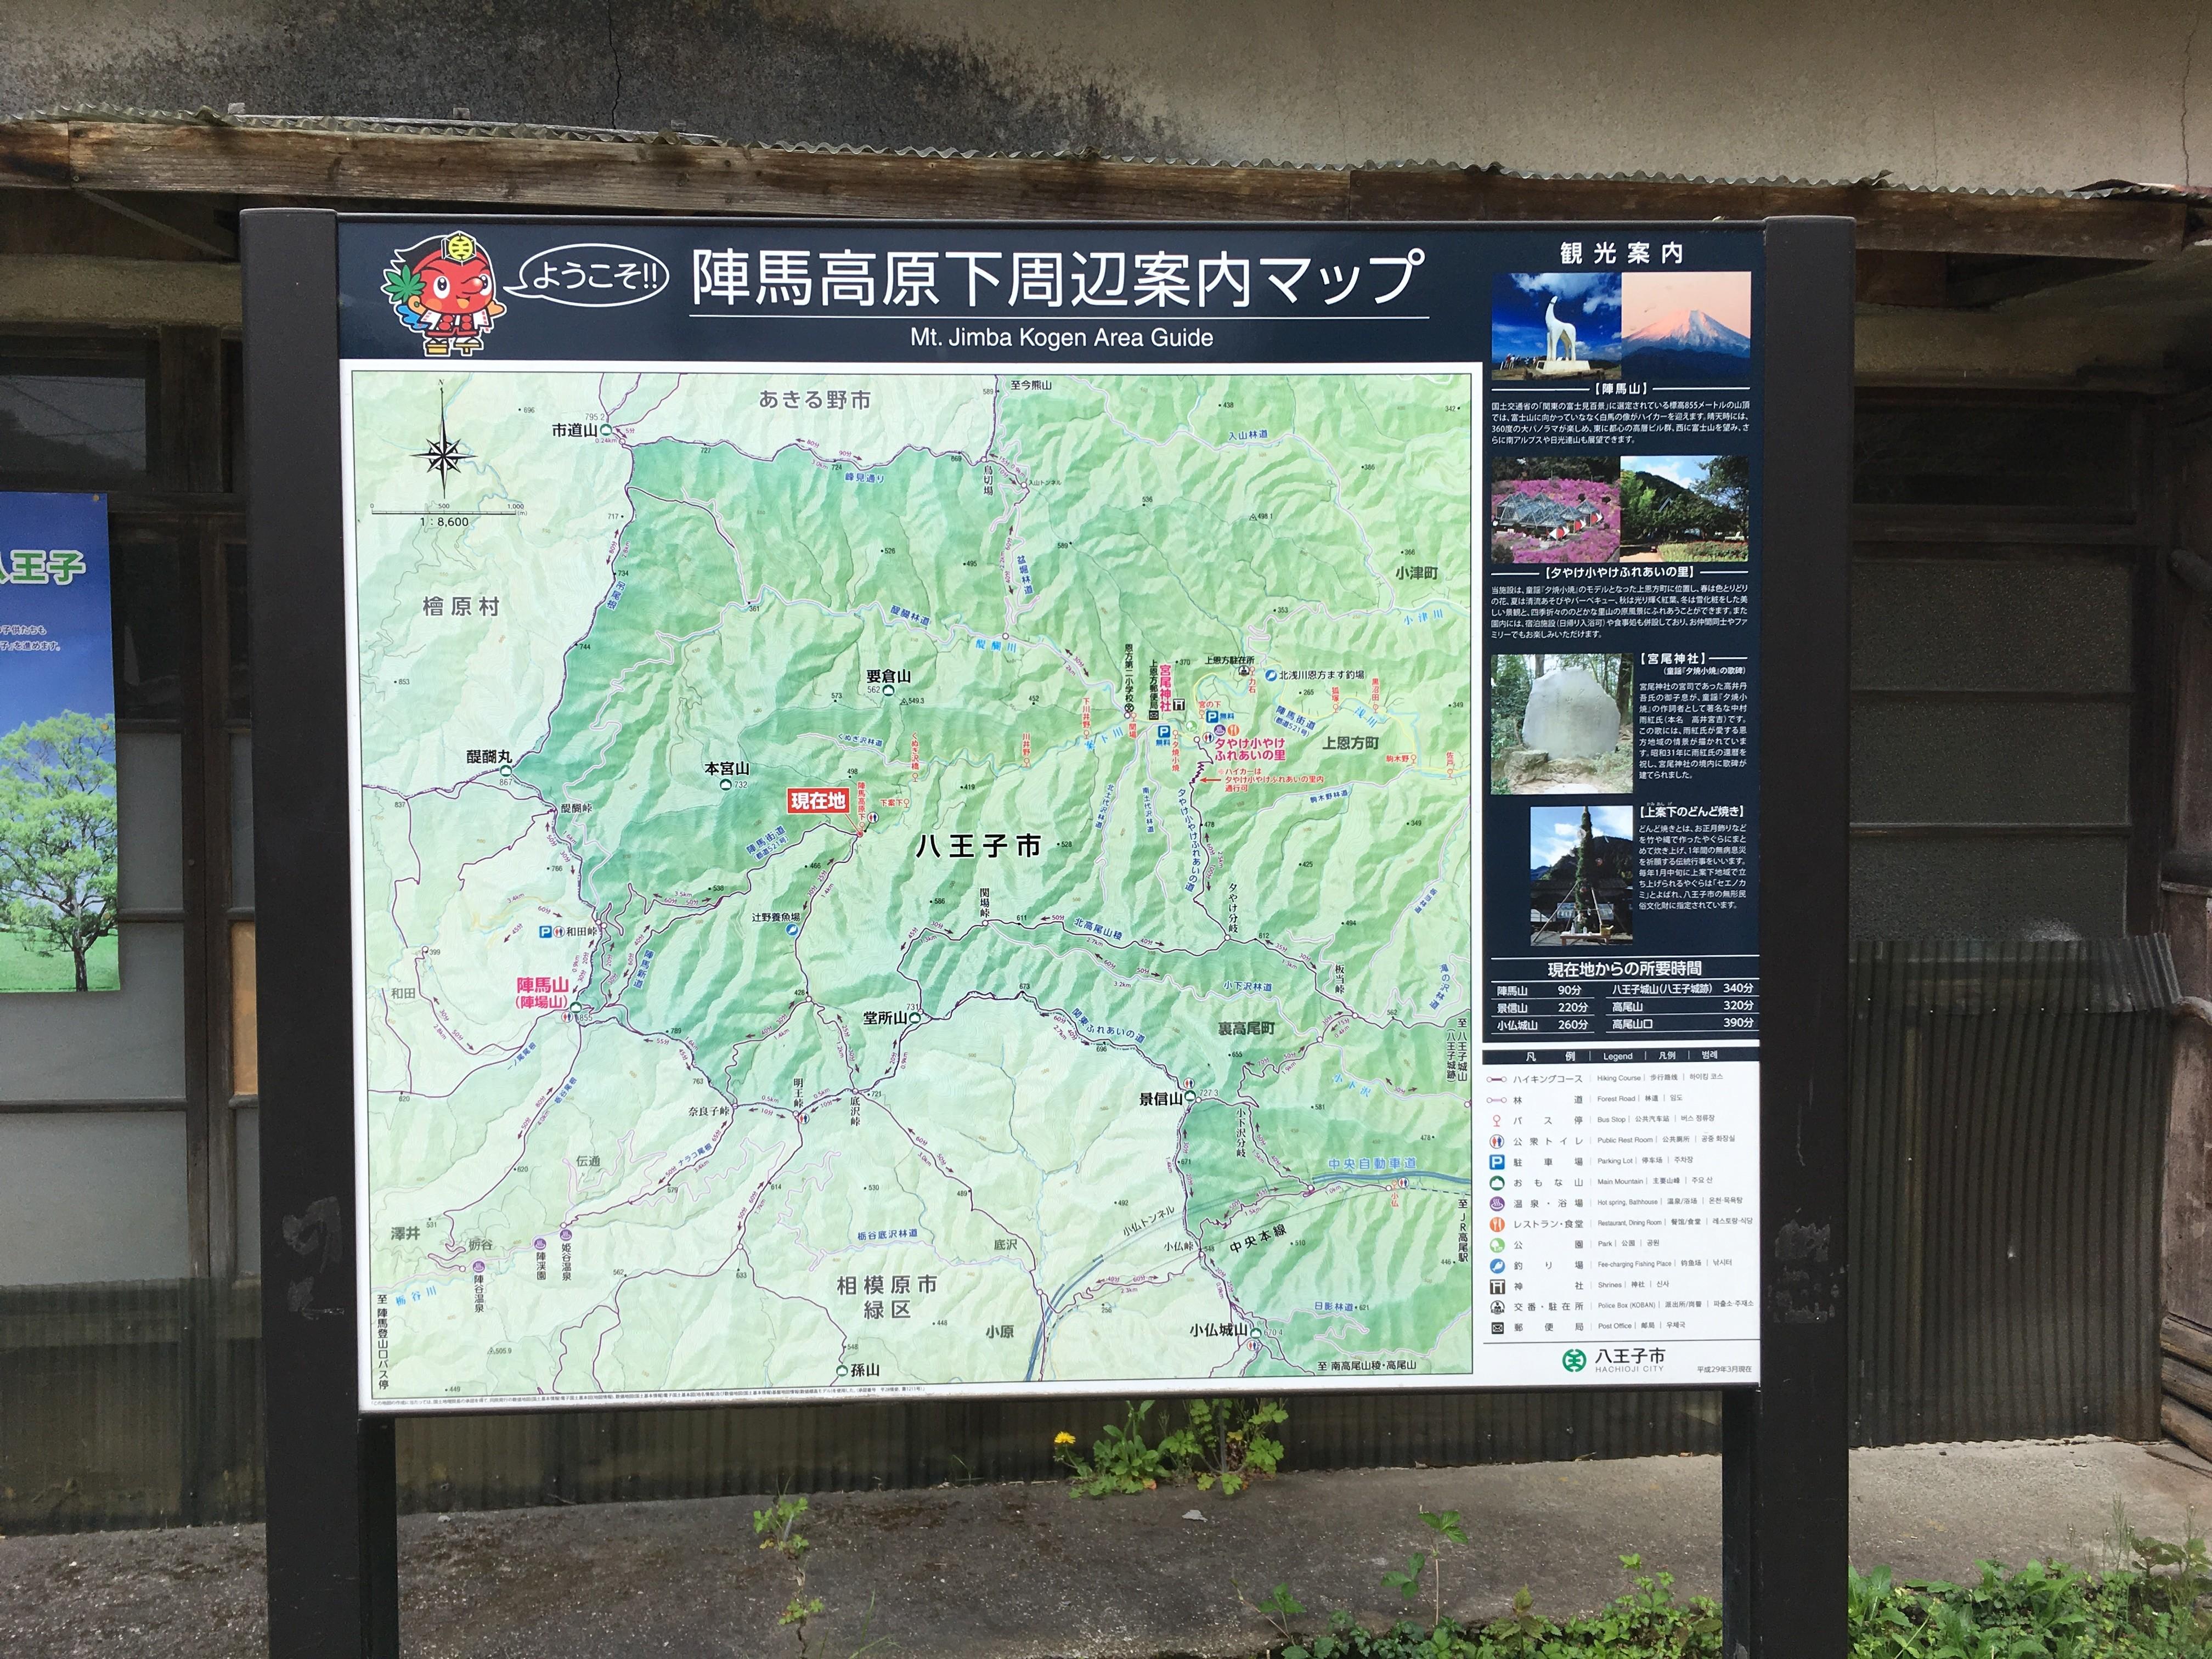 陣場高原下バス停